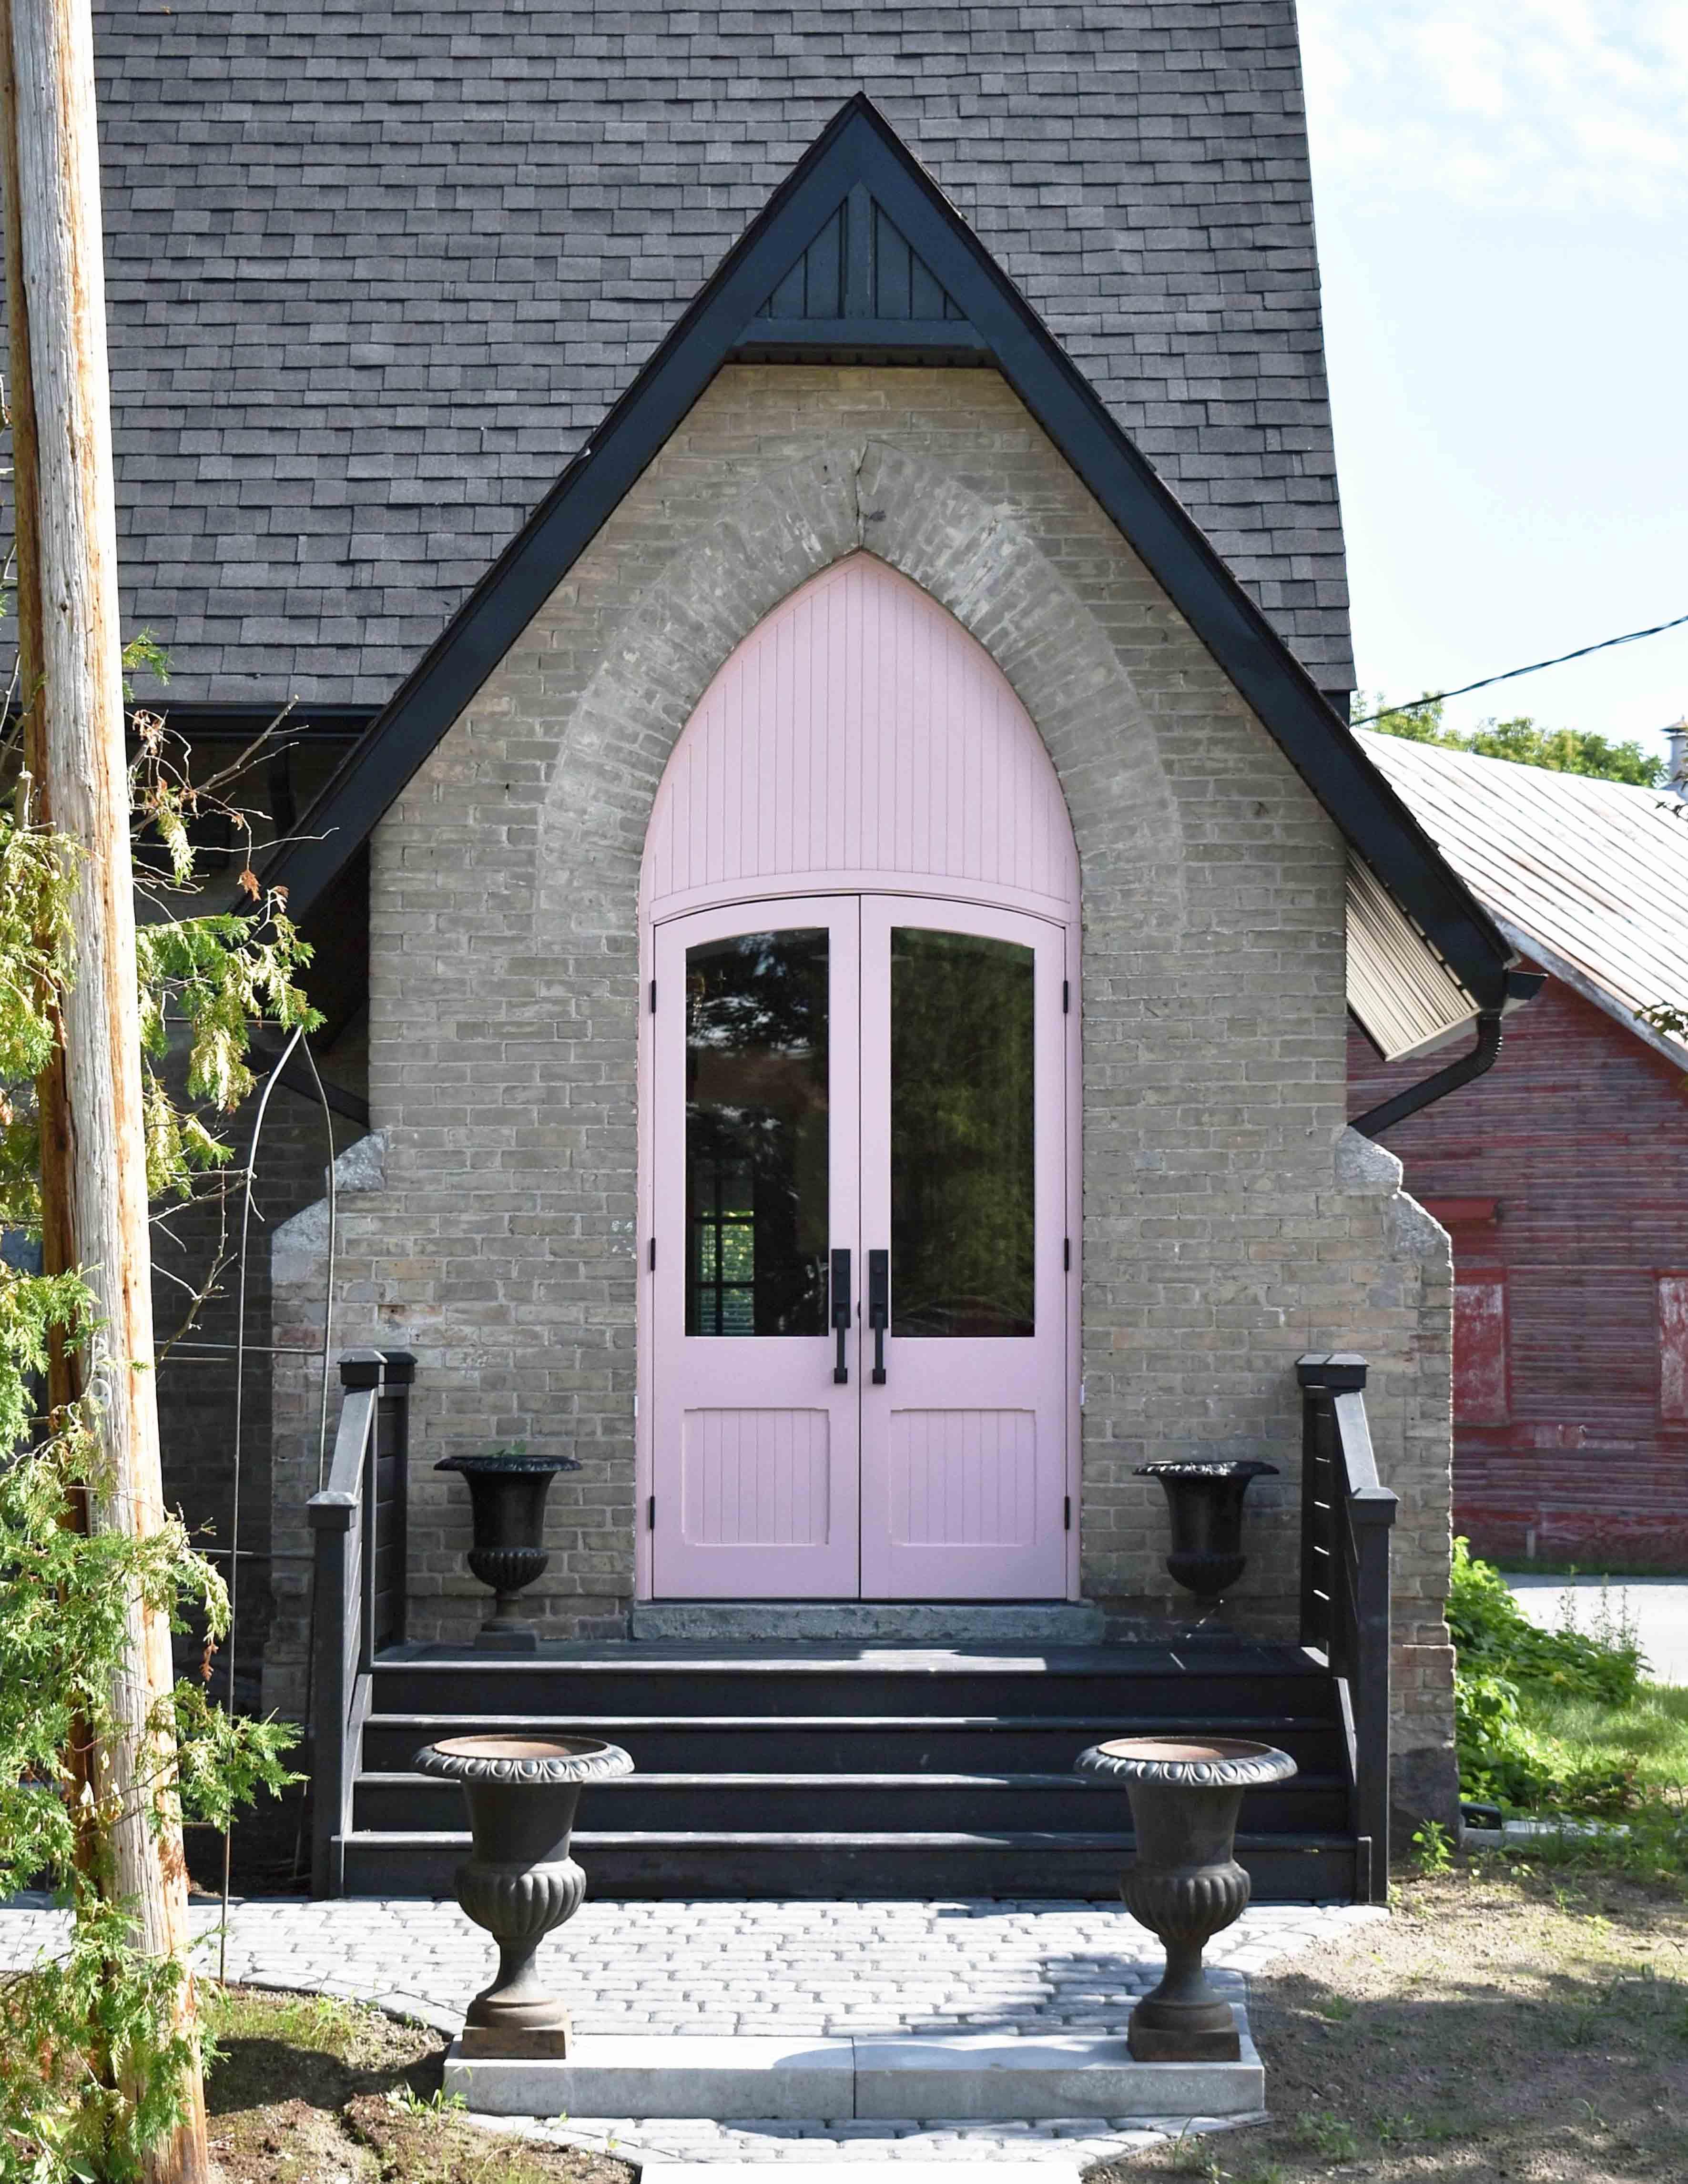 تحولت كنيسة من 1880s-Era إلى منزل لقضاء العطلات في أونتاريو ، بتصميم * إسفنج